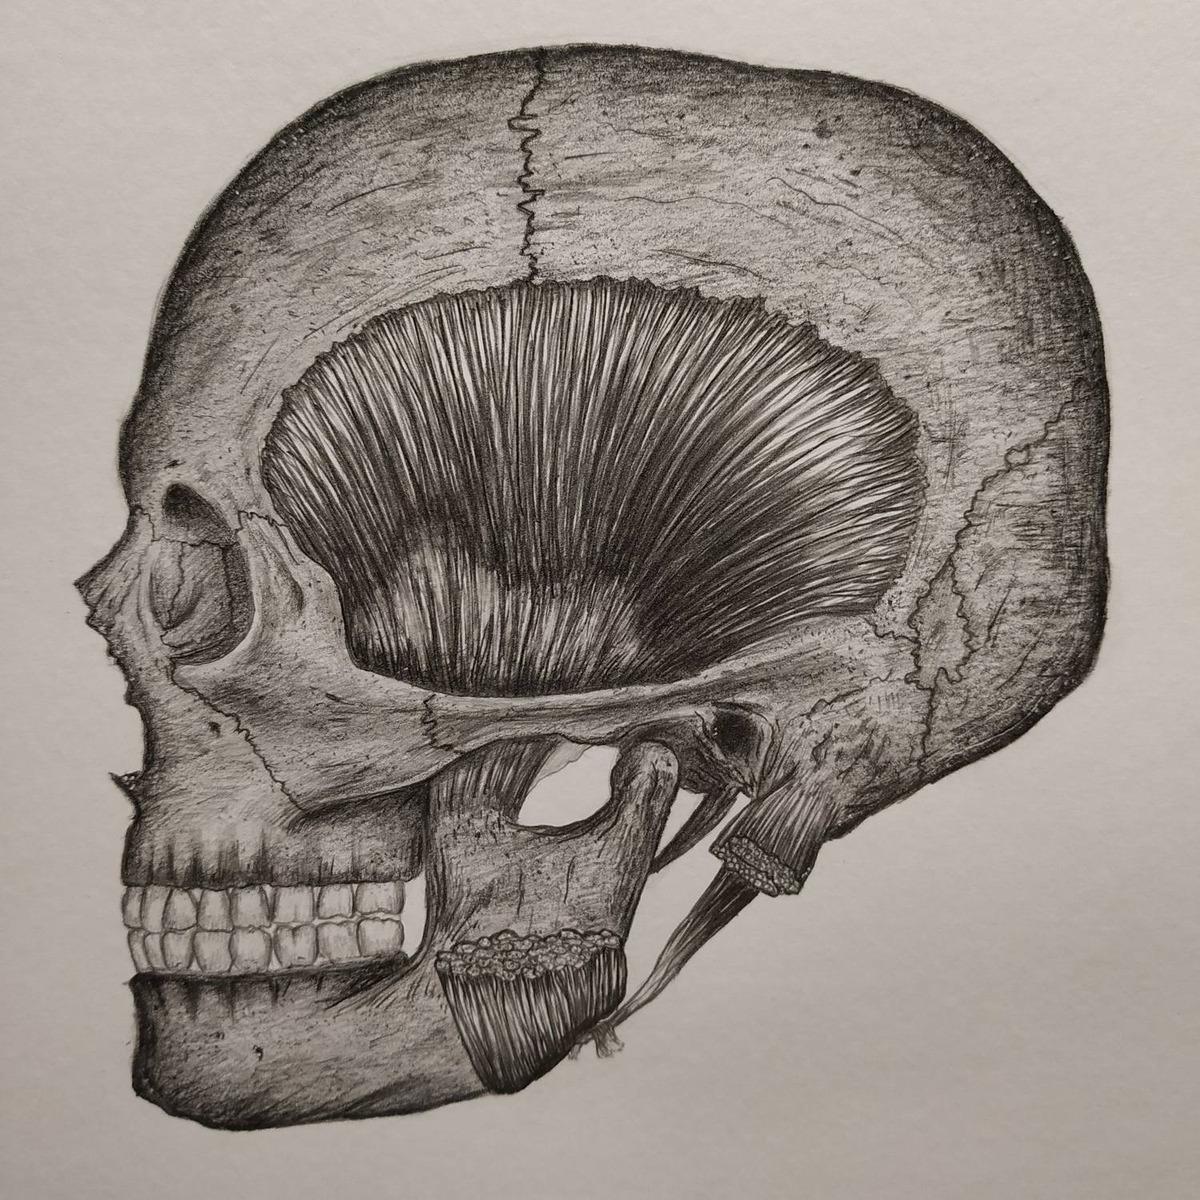 Desenhos Anatomicos Folha A4 Feito A Lapis R 50 00 Em